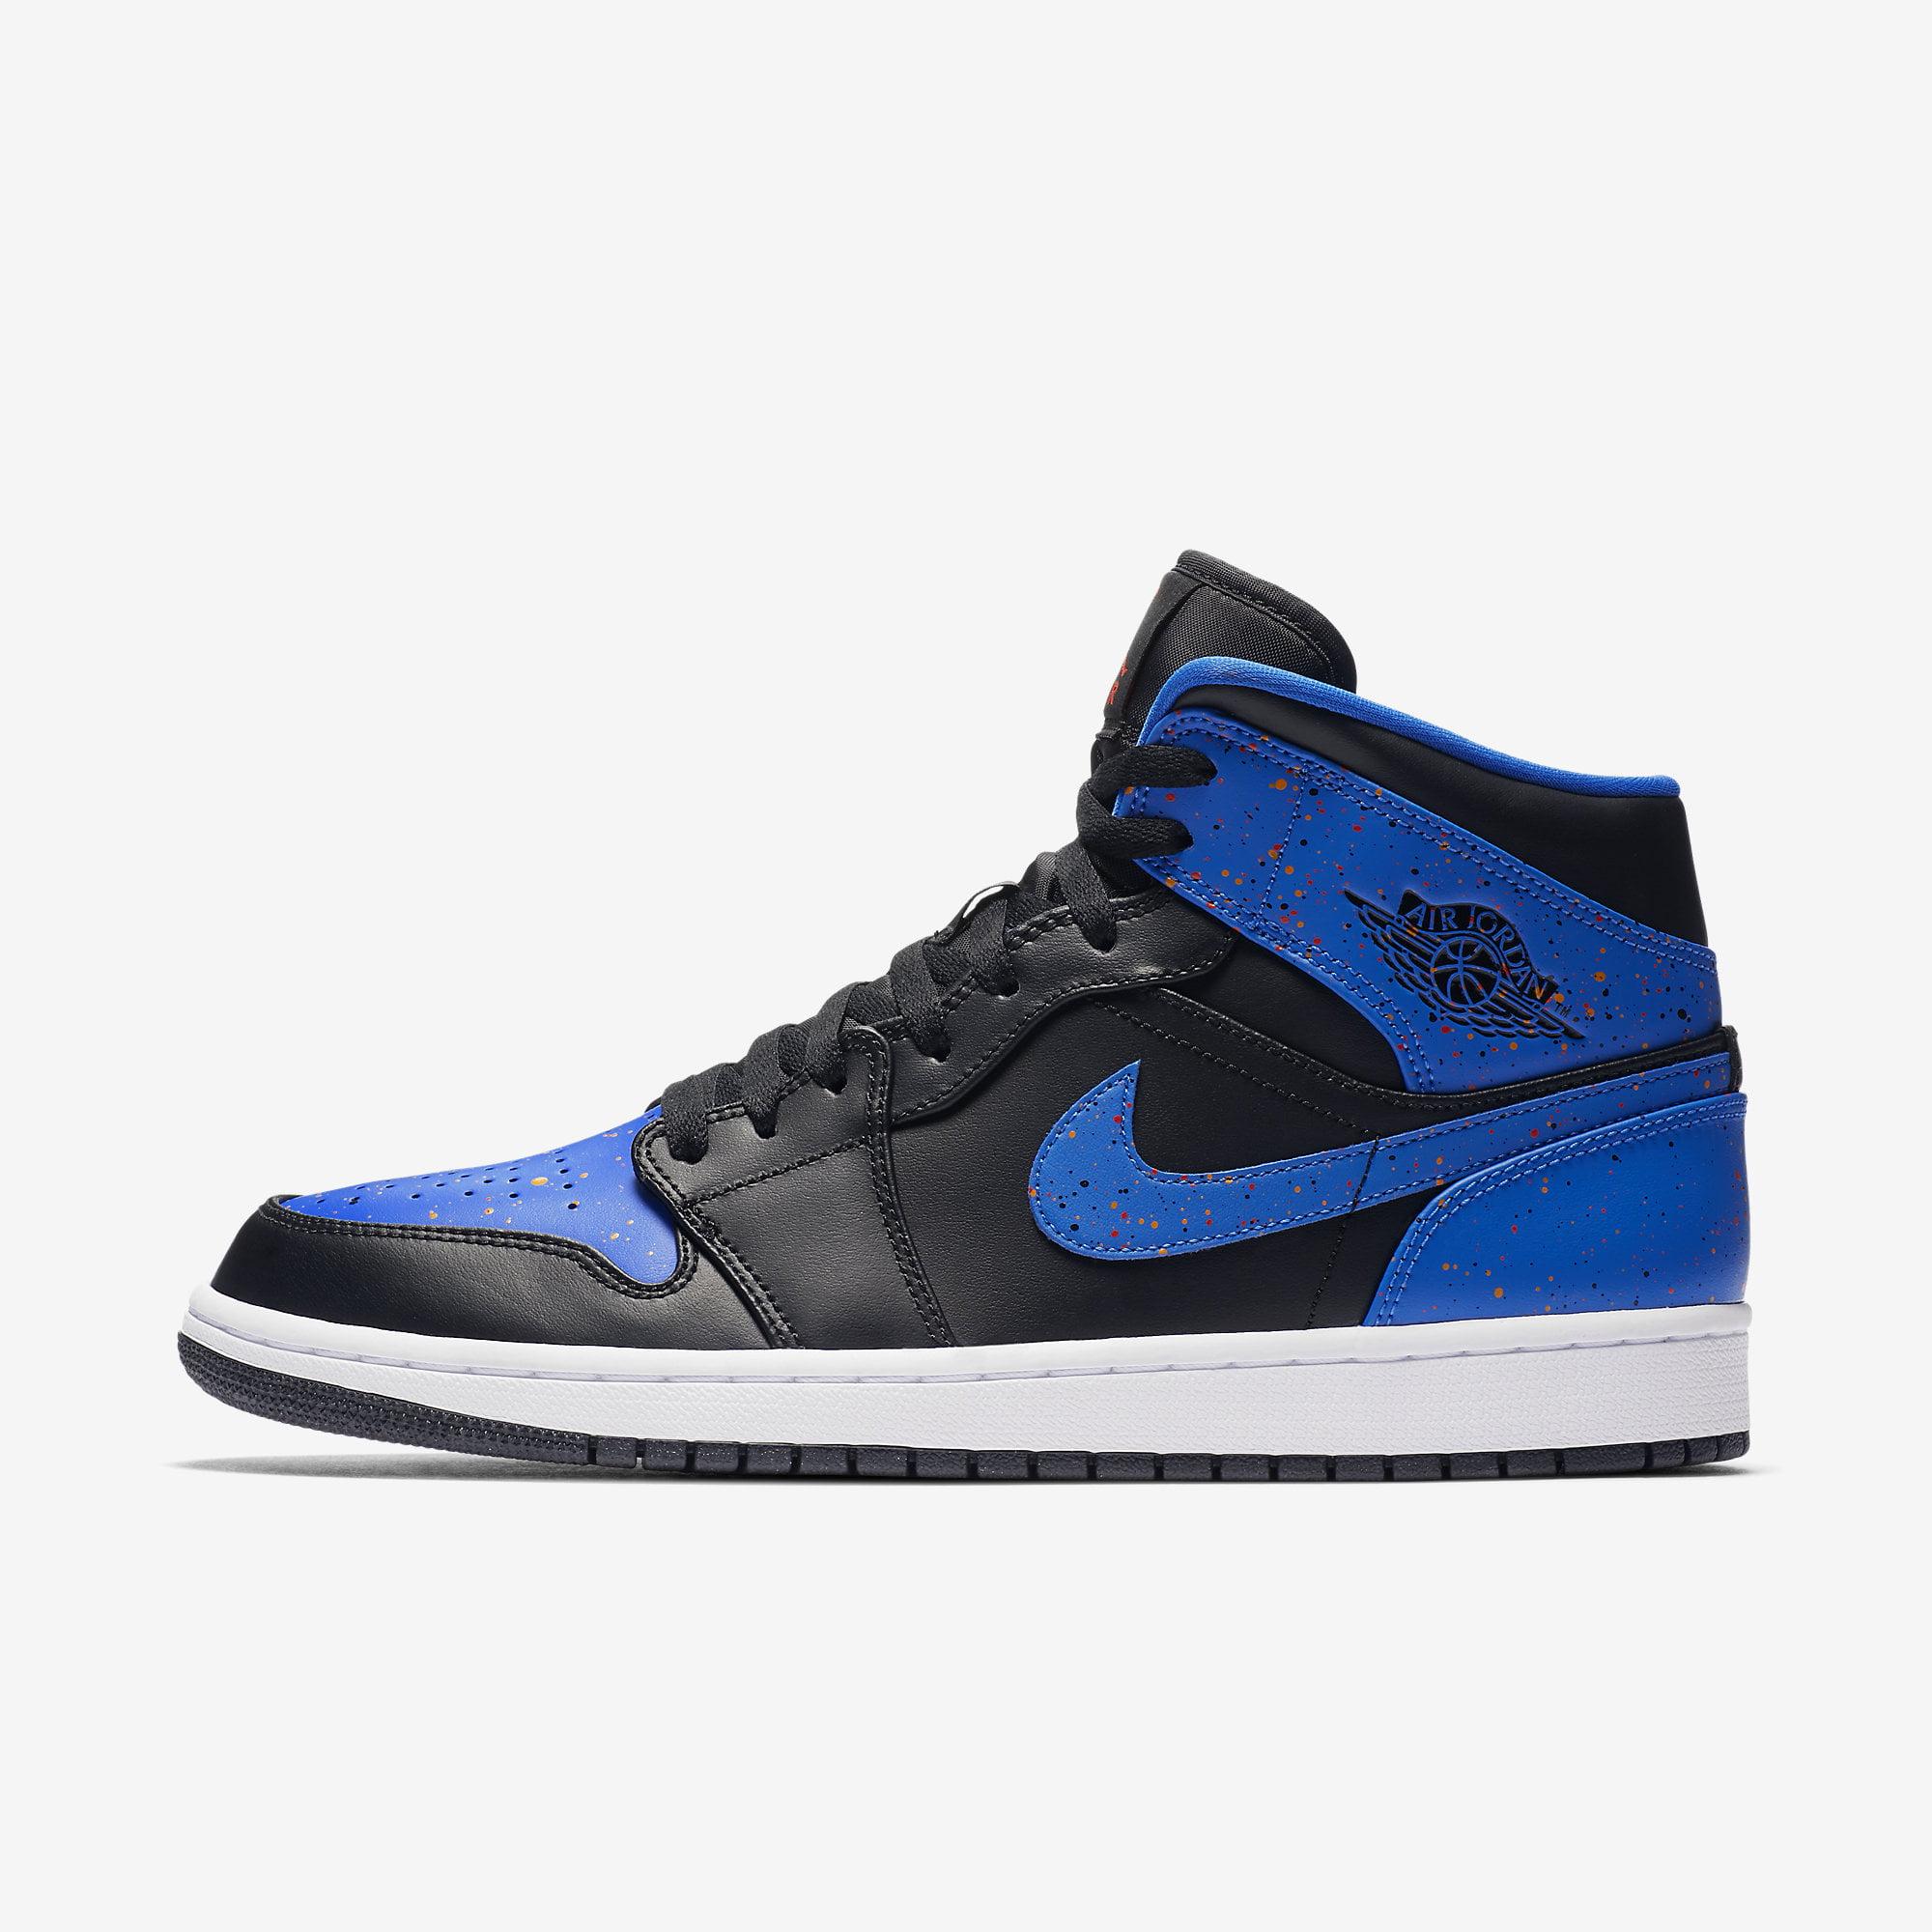 AIR JORDAN 1 MID Mens Sneakers 554724-048